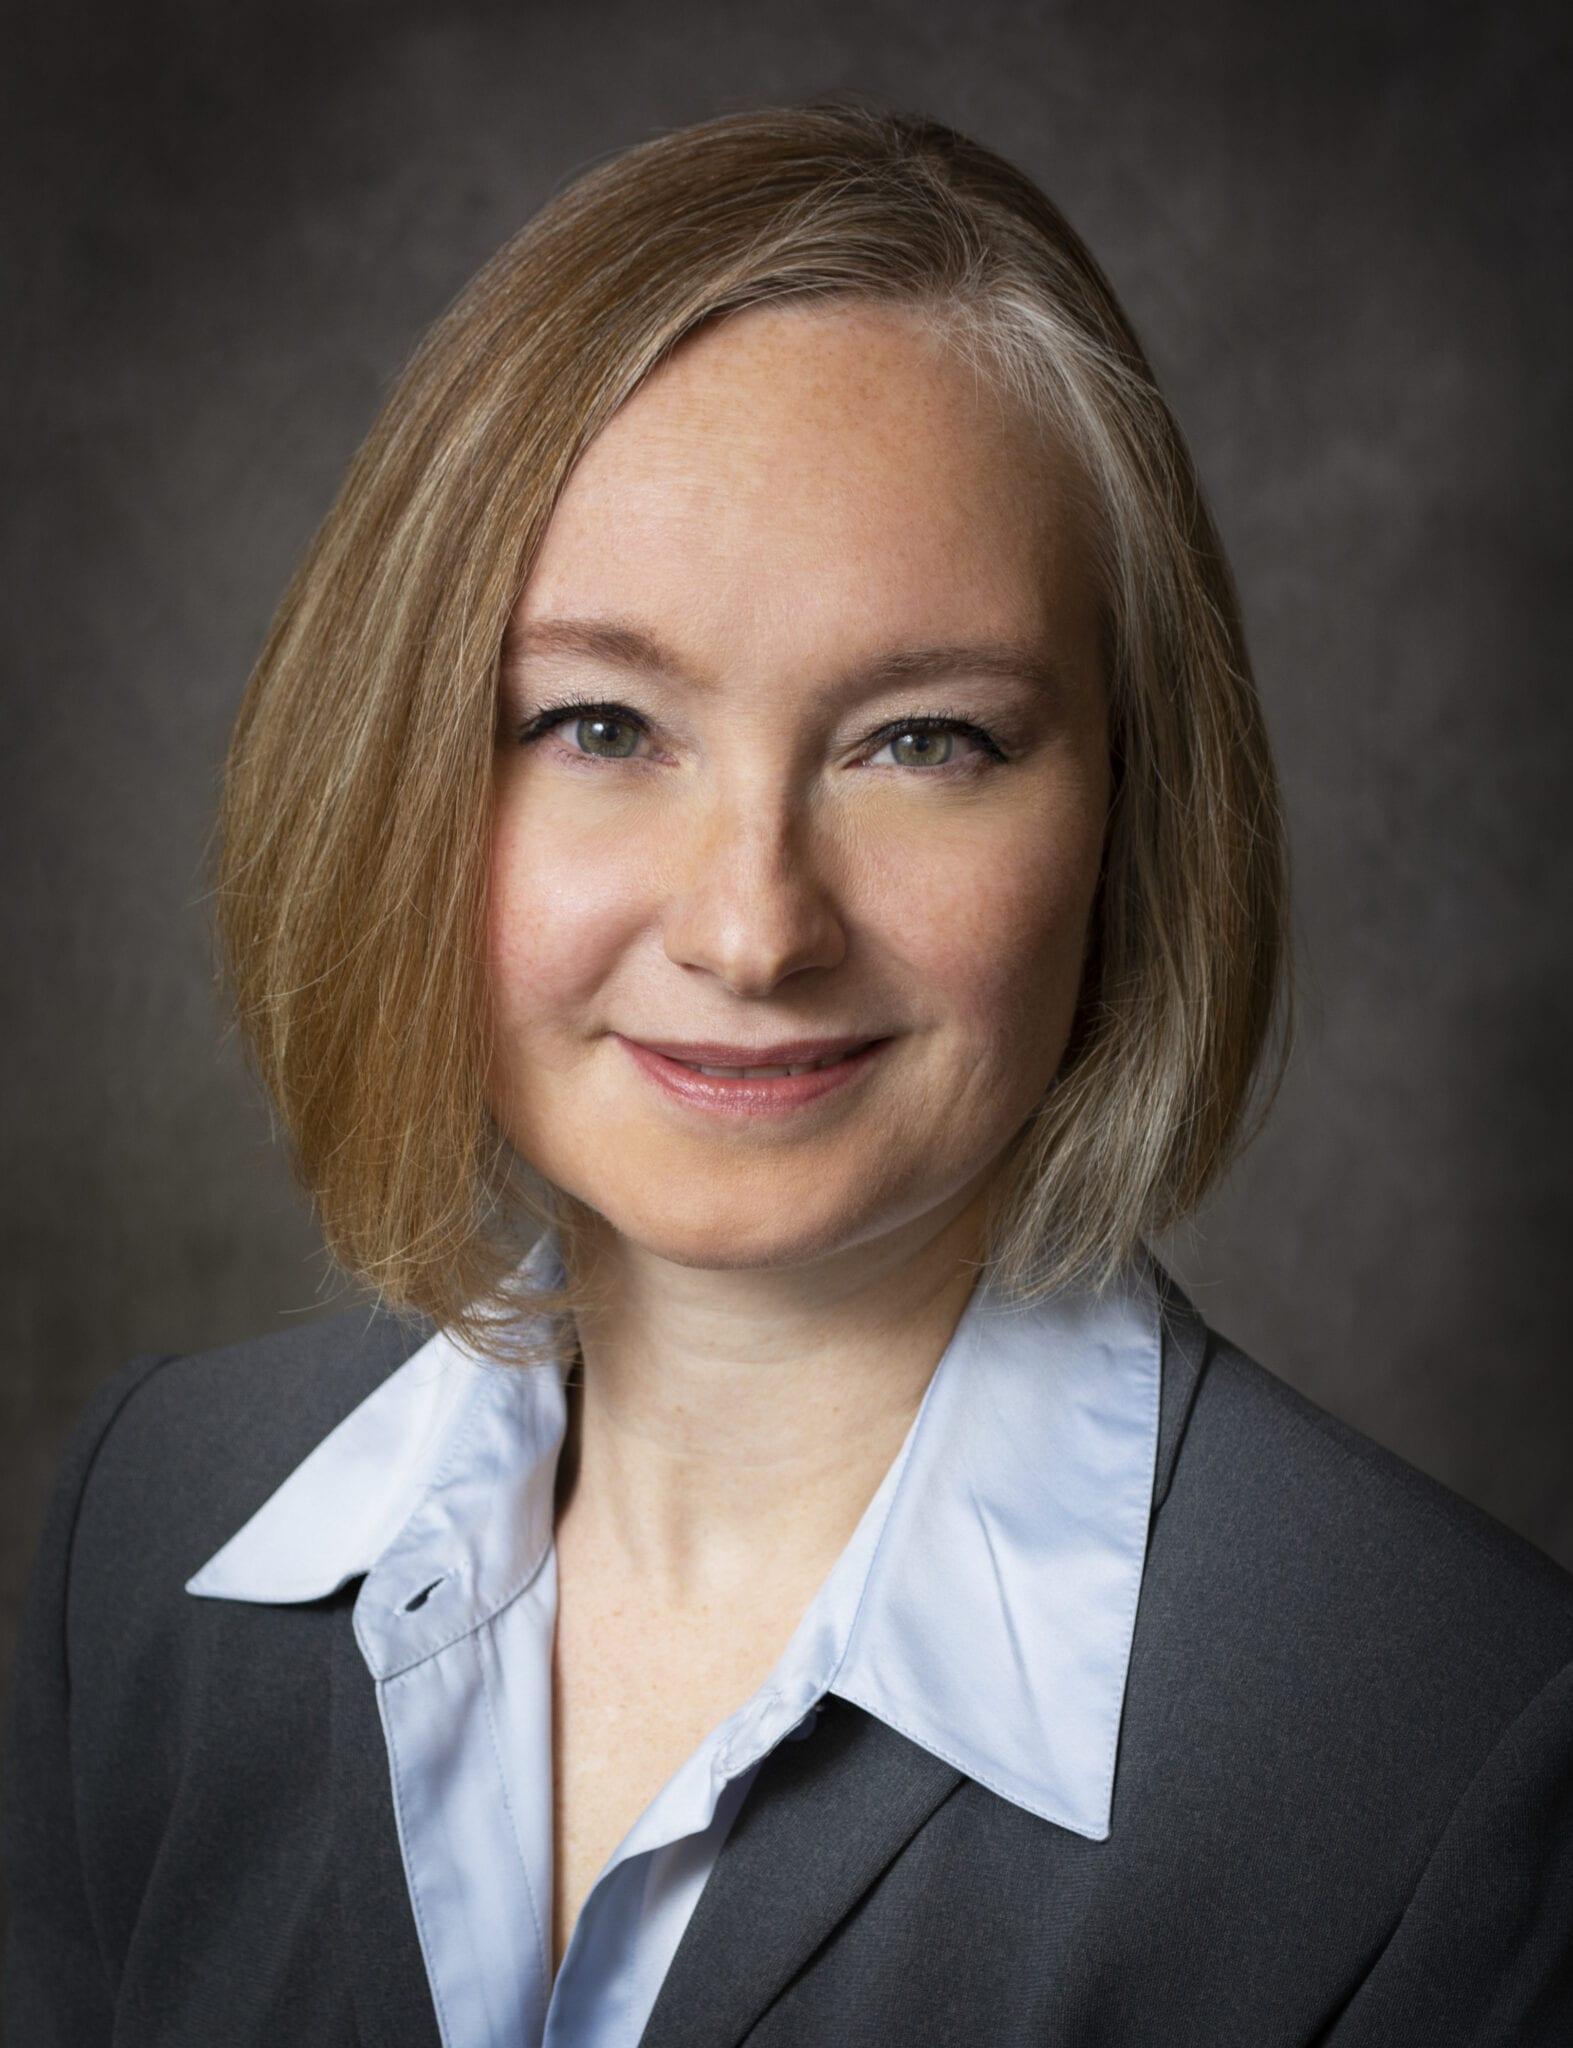 Grant-Kristin-Doctor-1